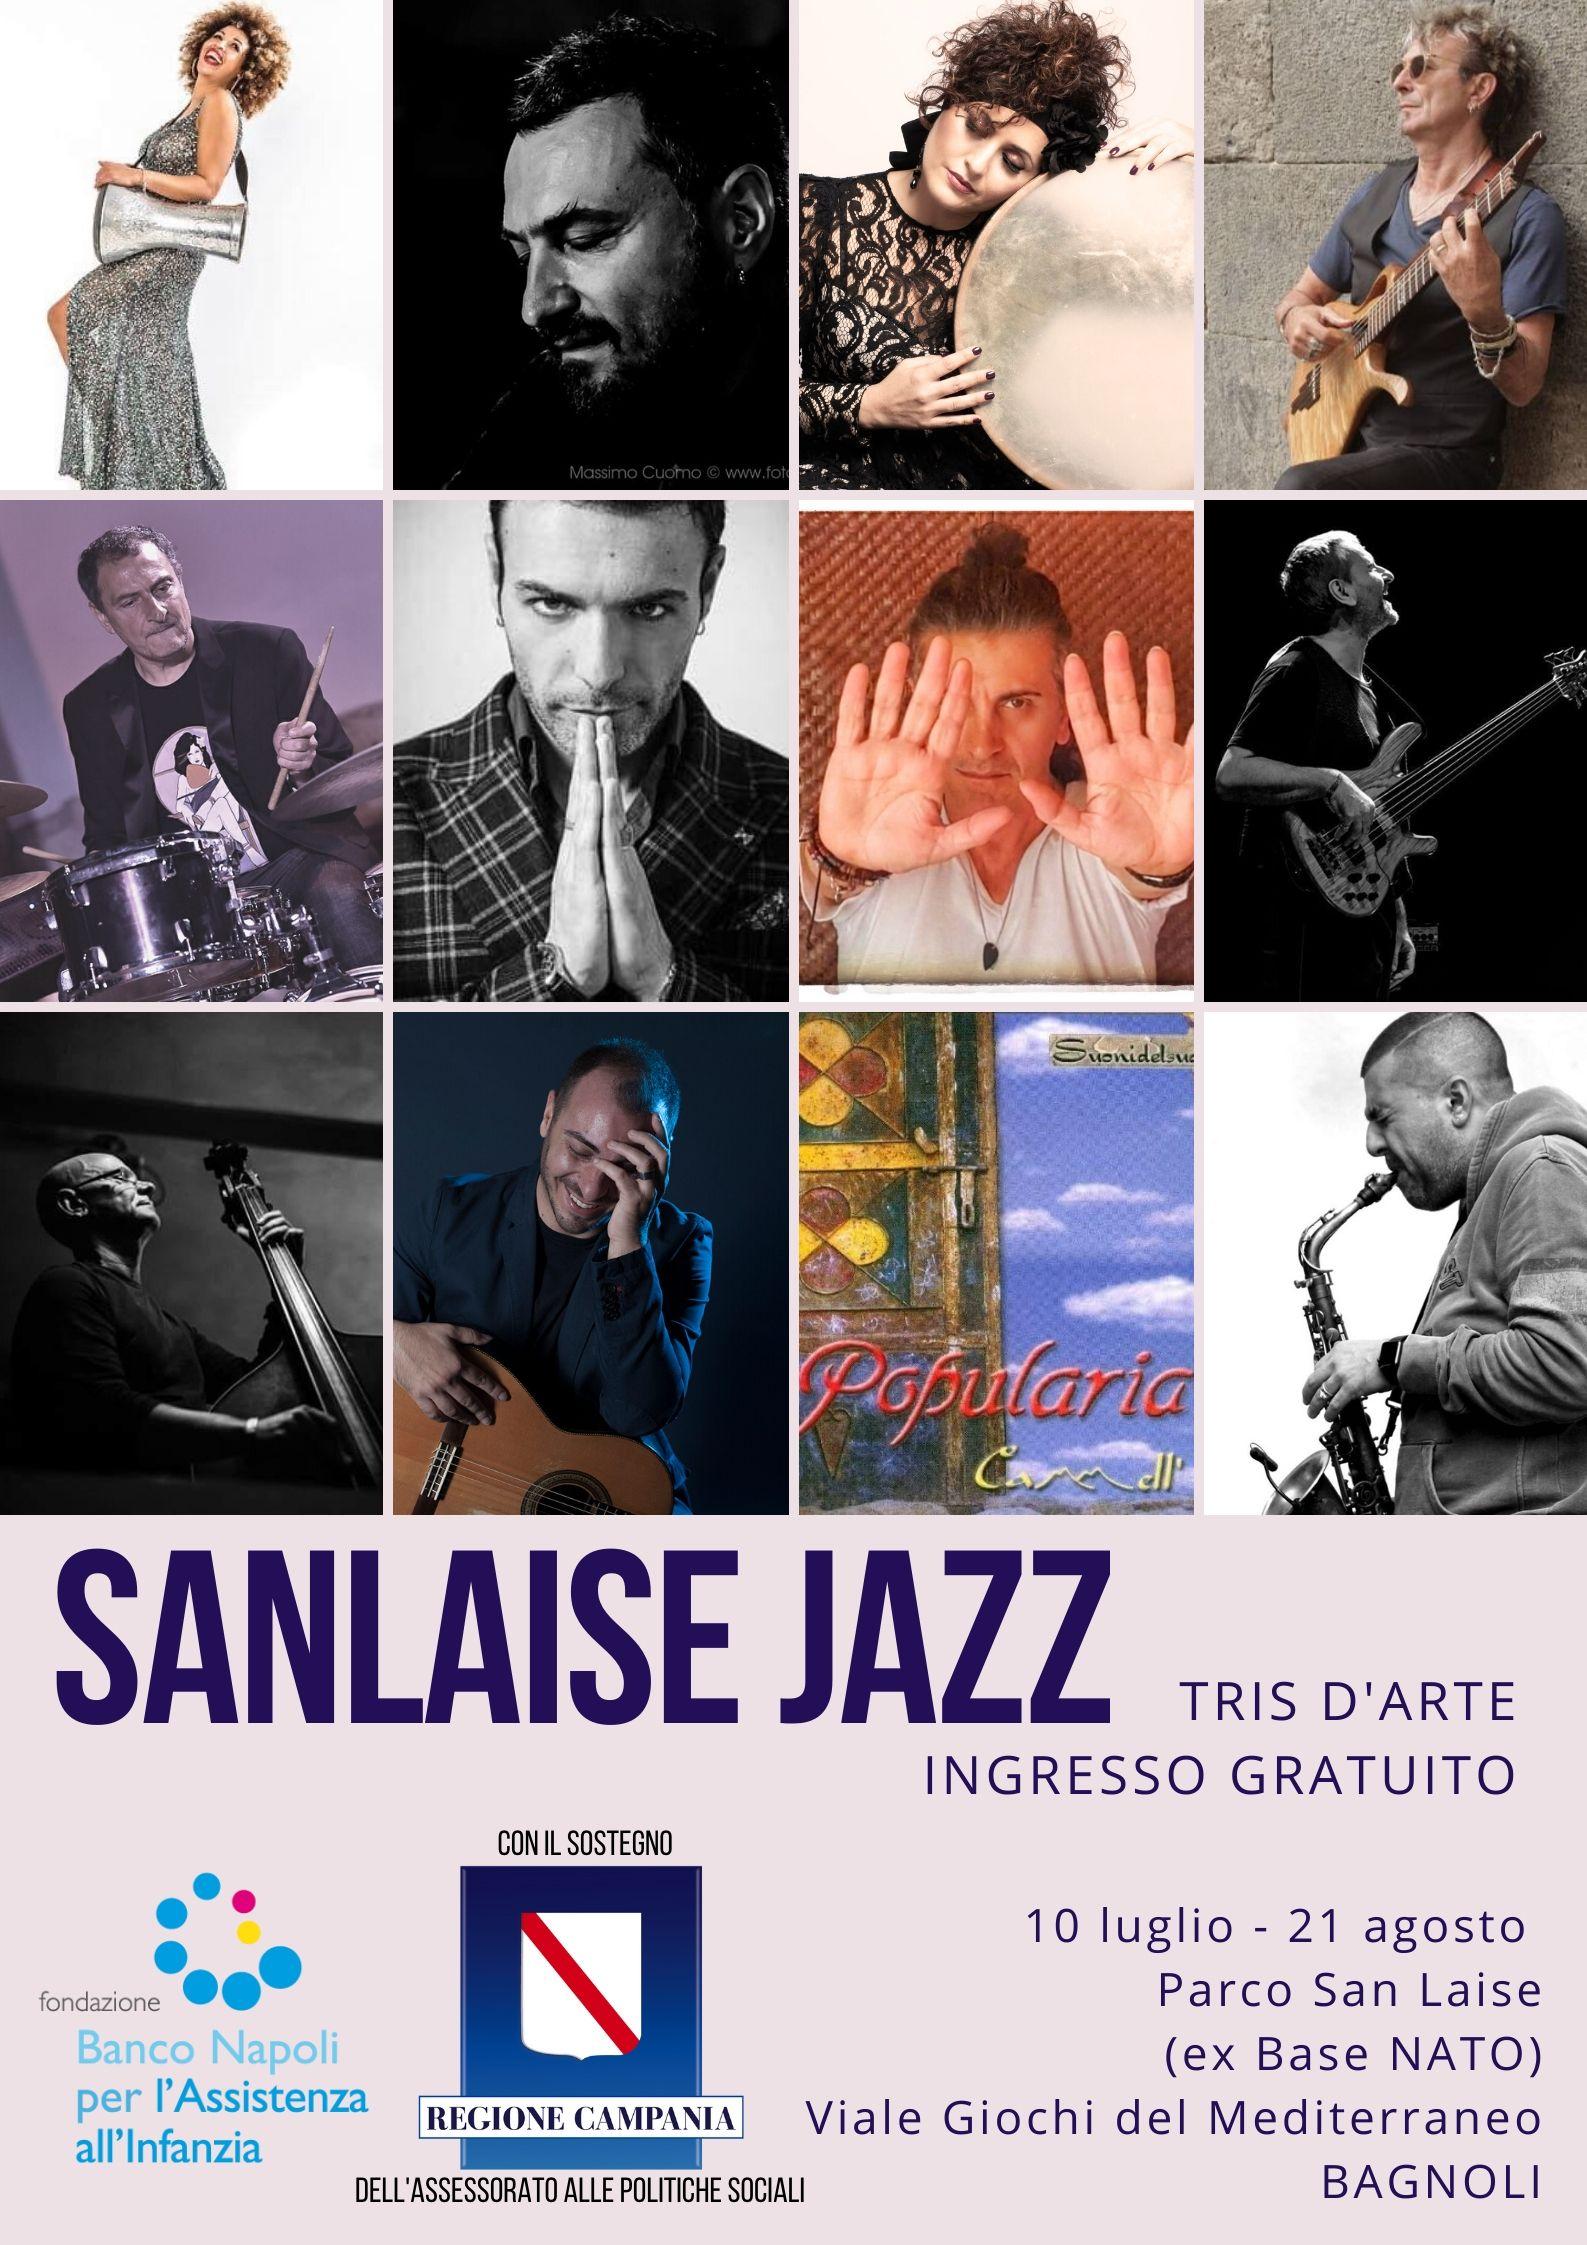 San Laise Jazz (ex base Nato) dal 10 luglio al 21 agosto